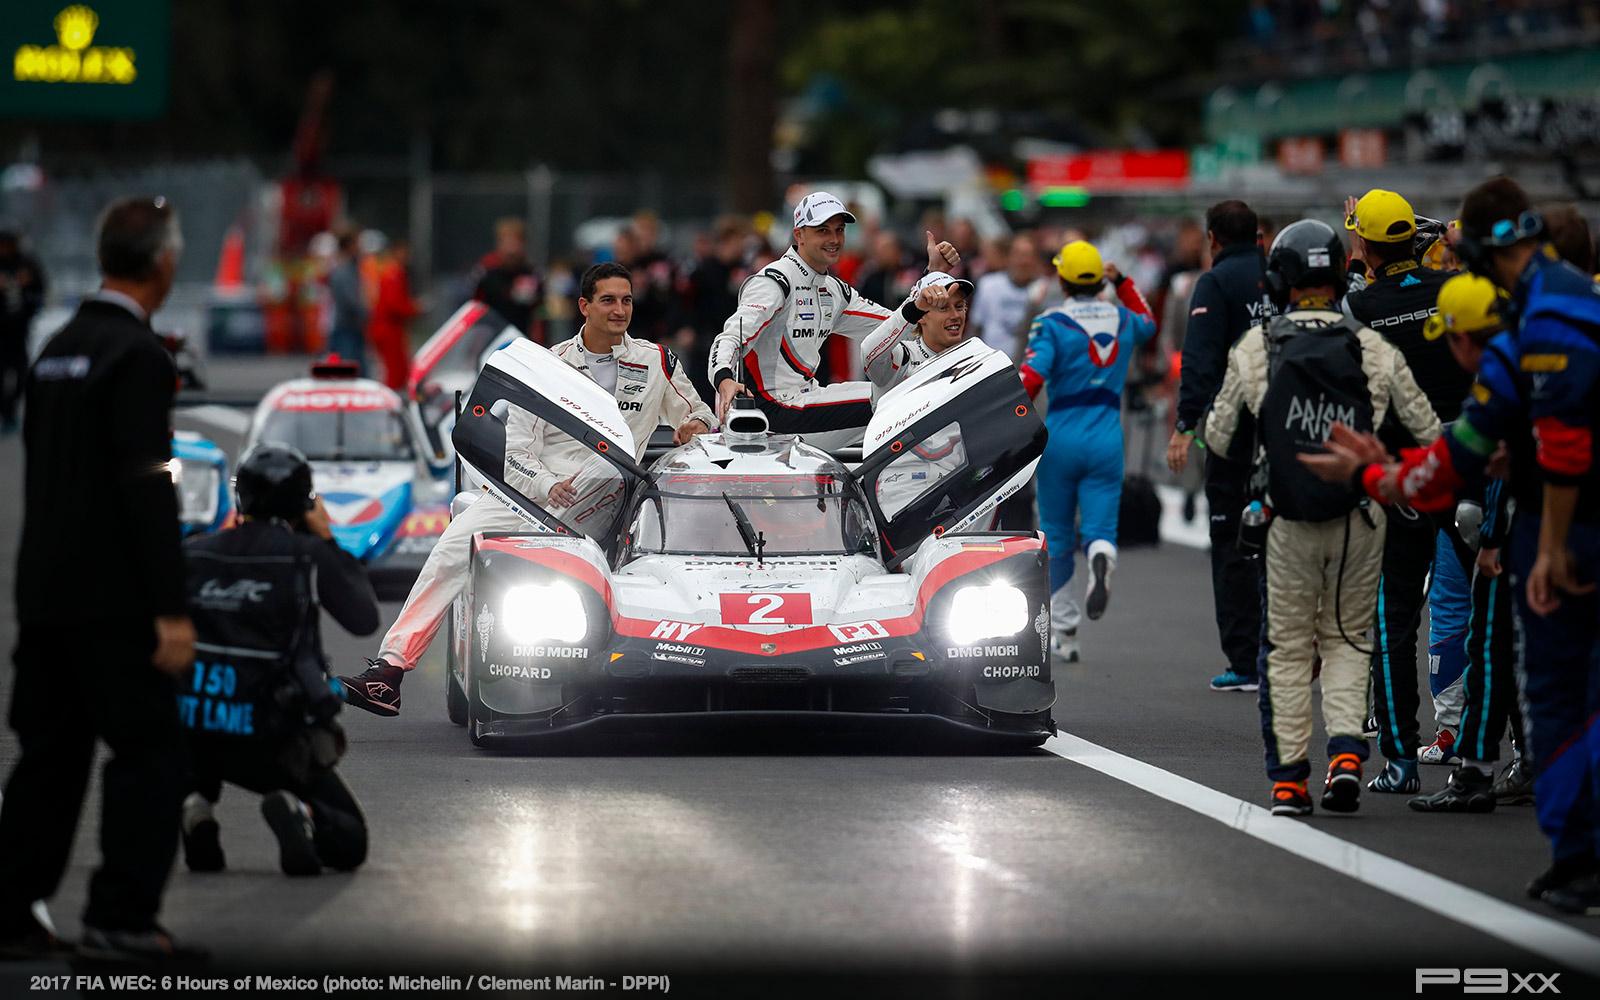 2017-FIA-WEC-6-HOURS-MEXICO-PORSCHE-exico_02117008__MP_99181222